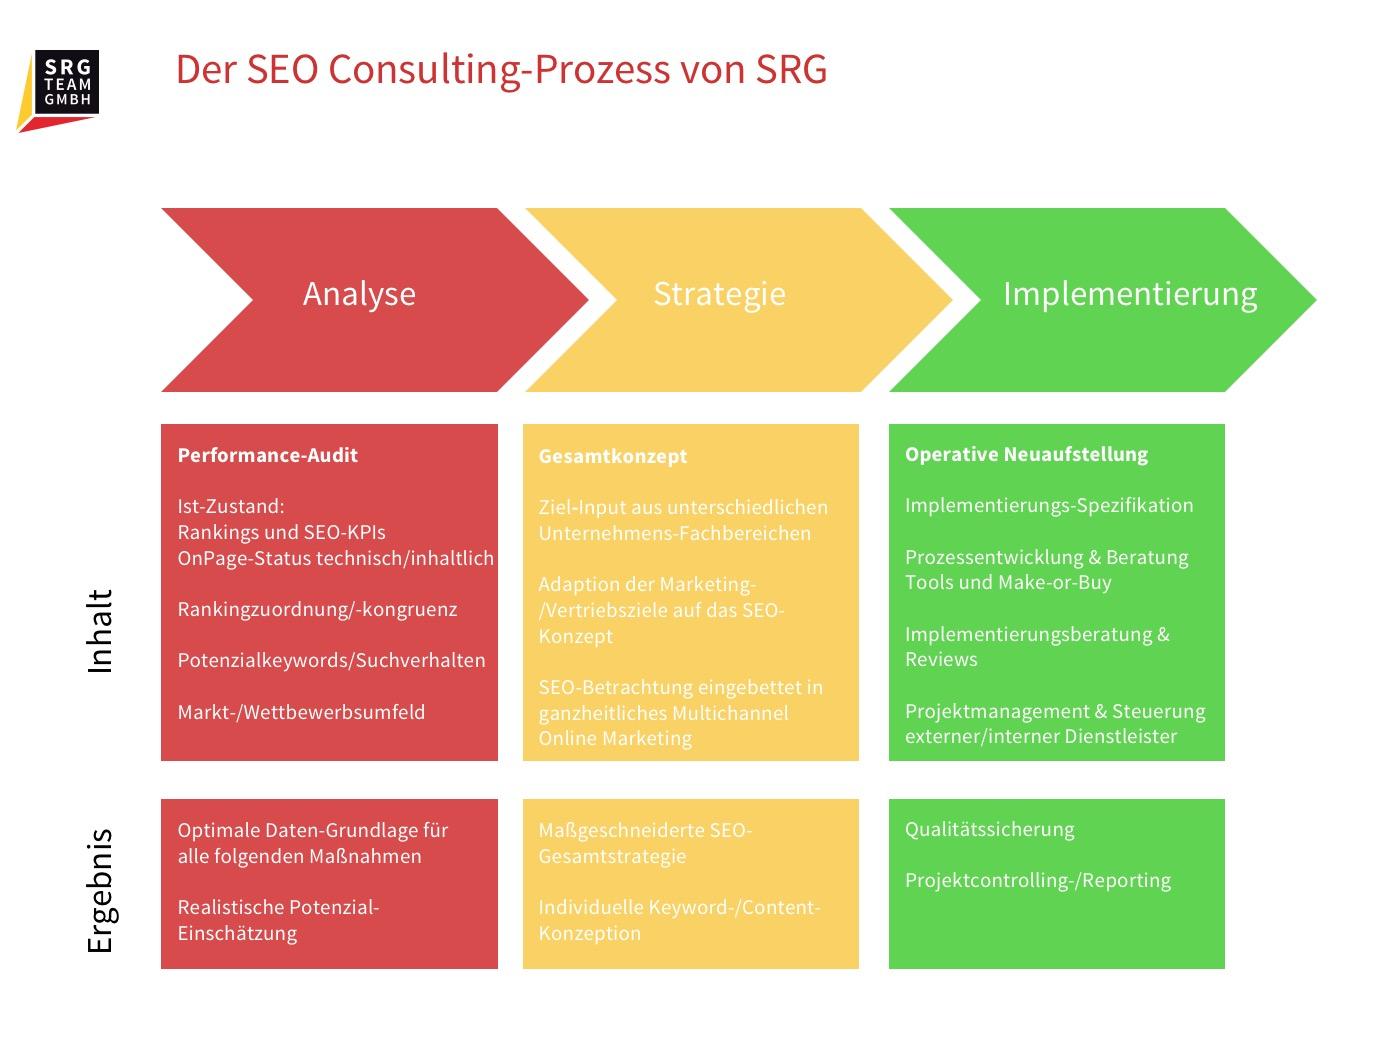 Informationen zum SEO Consulting-Prozess